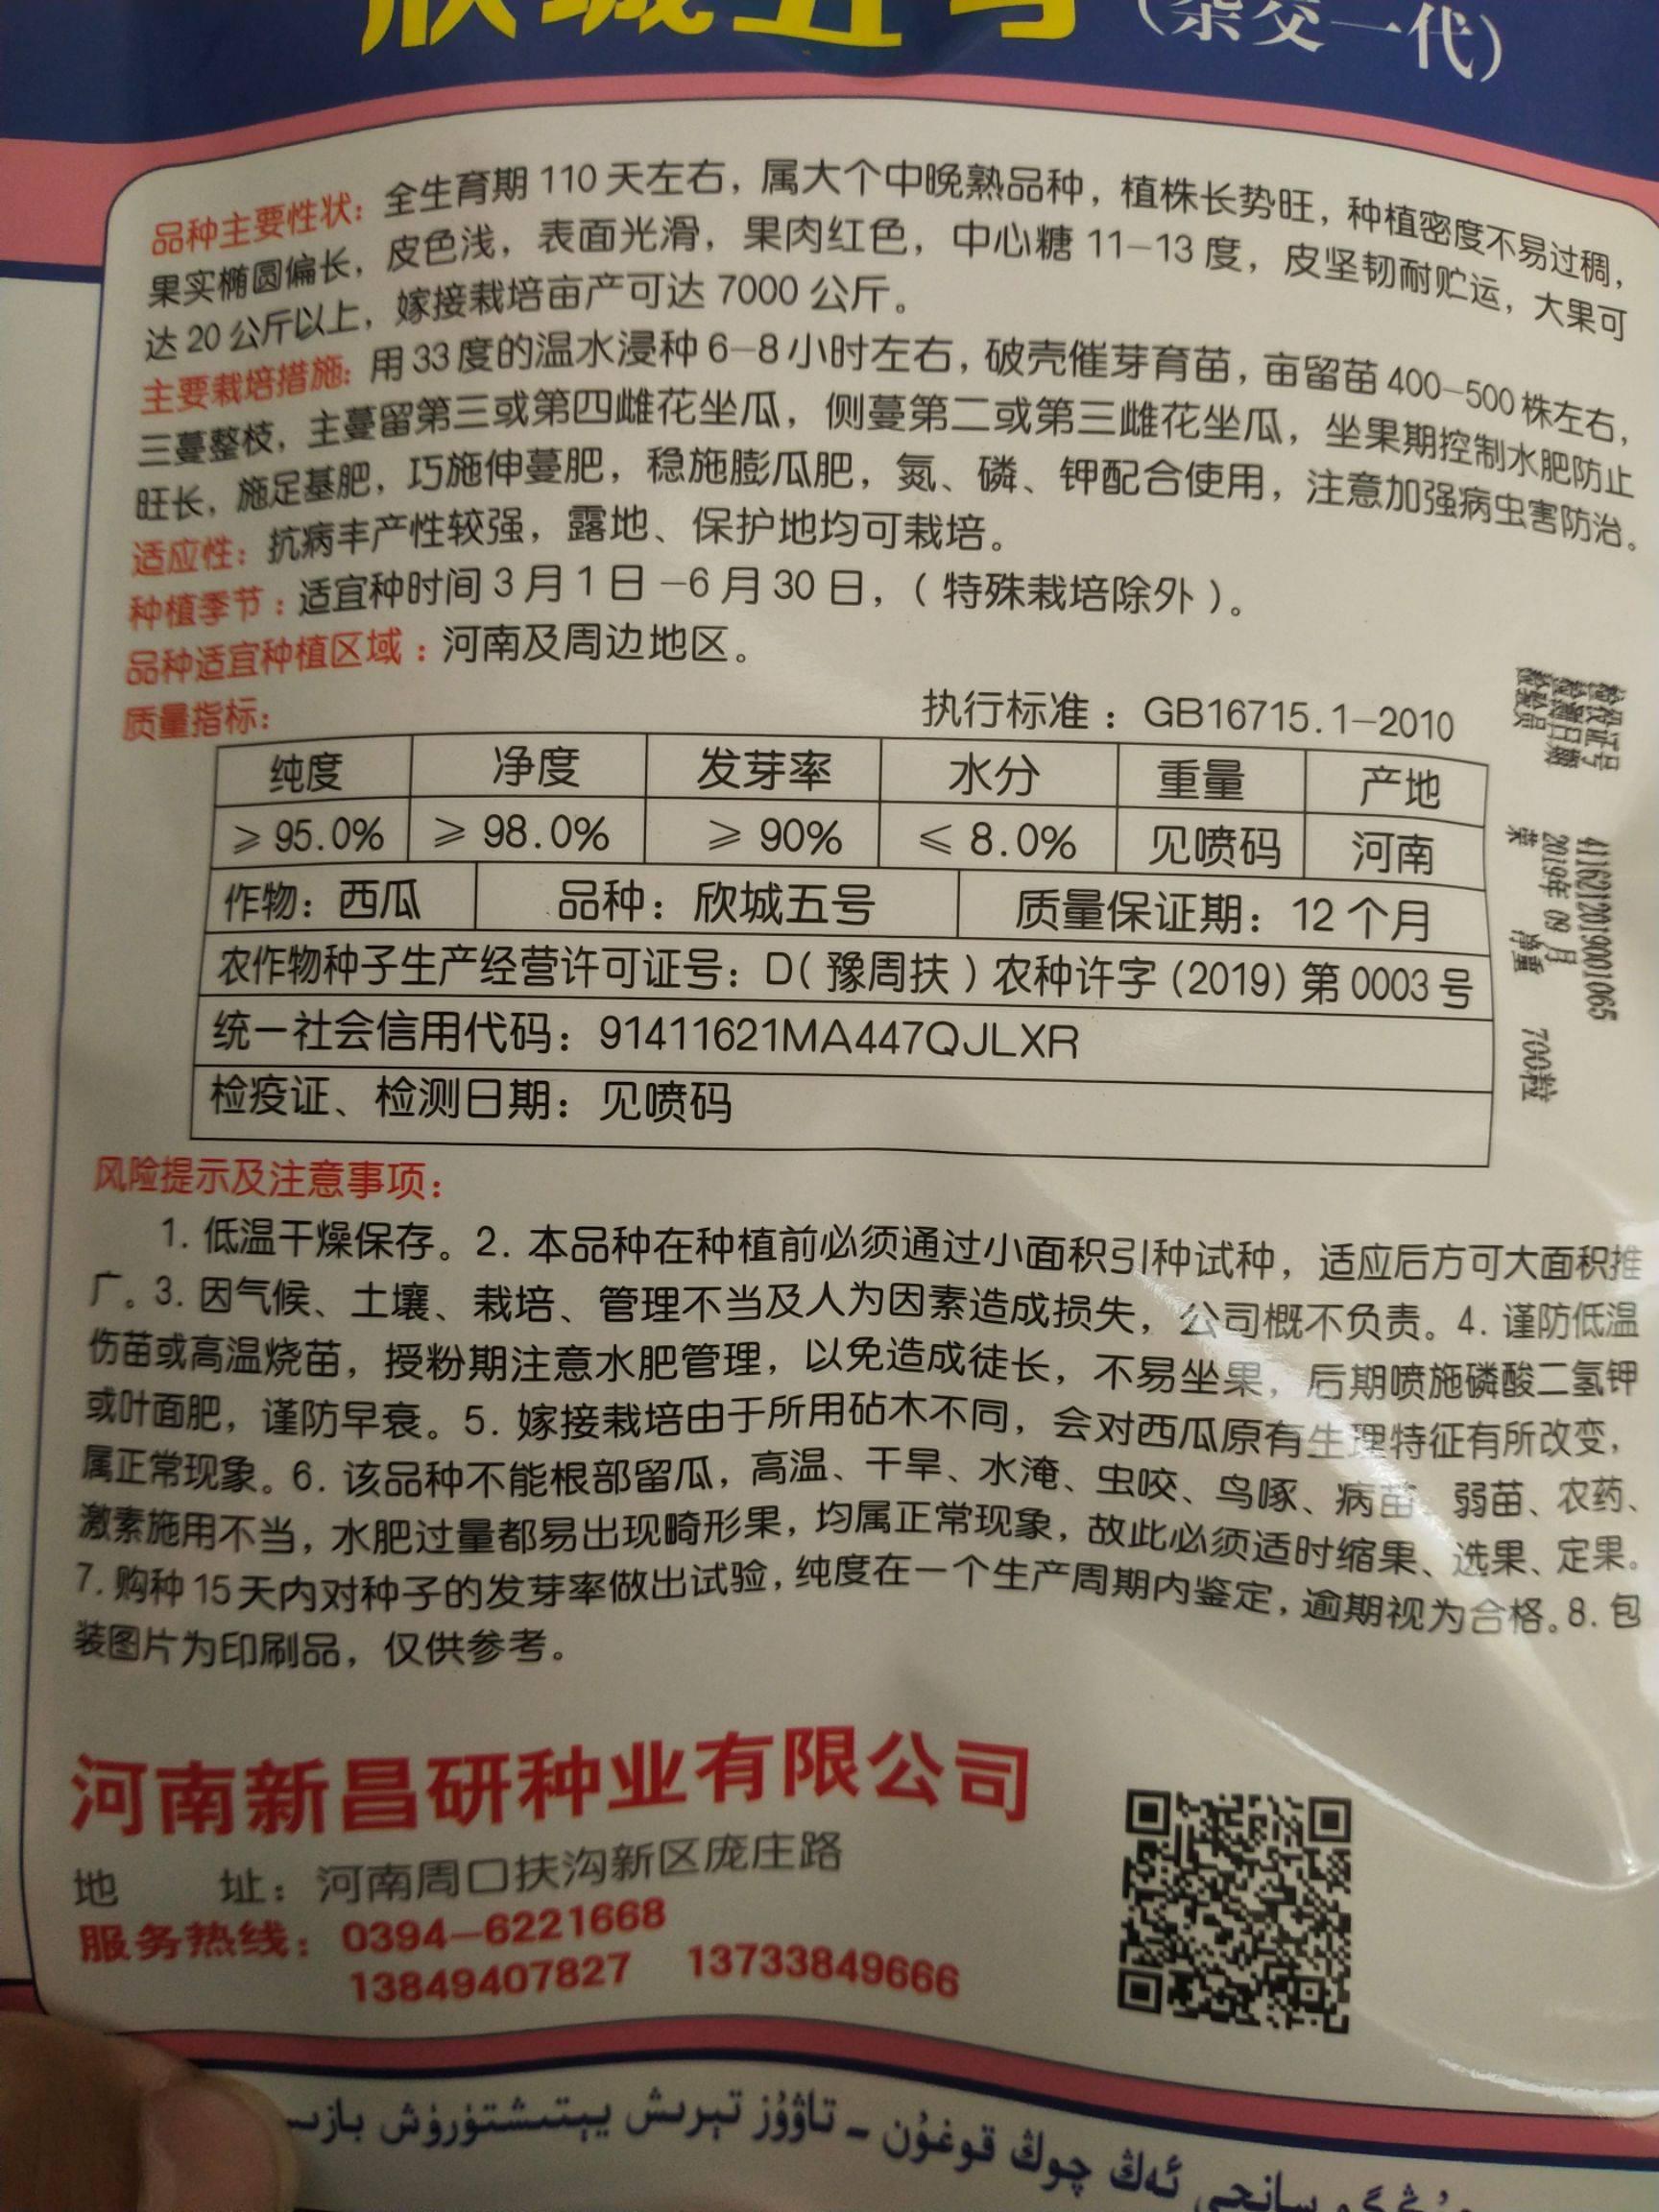 [西瓜种子批发] 欣城五号 西瓜种子 抗病不裂 含糖度13度以上 皮韧耐贮运价格105元/袋